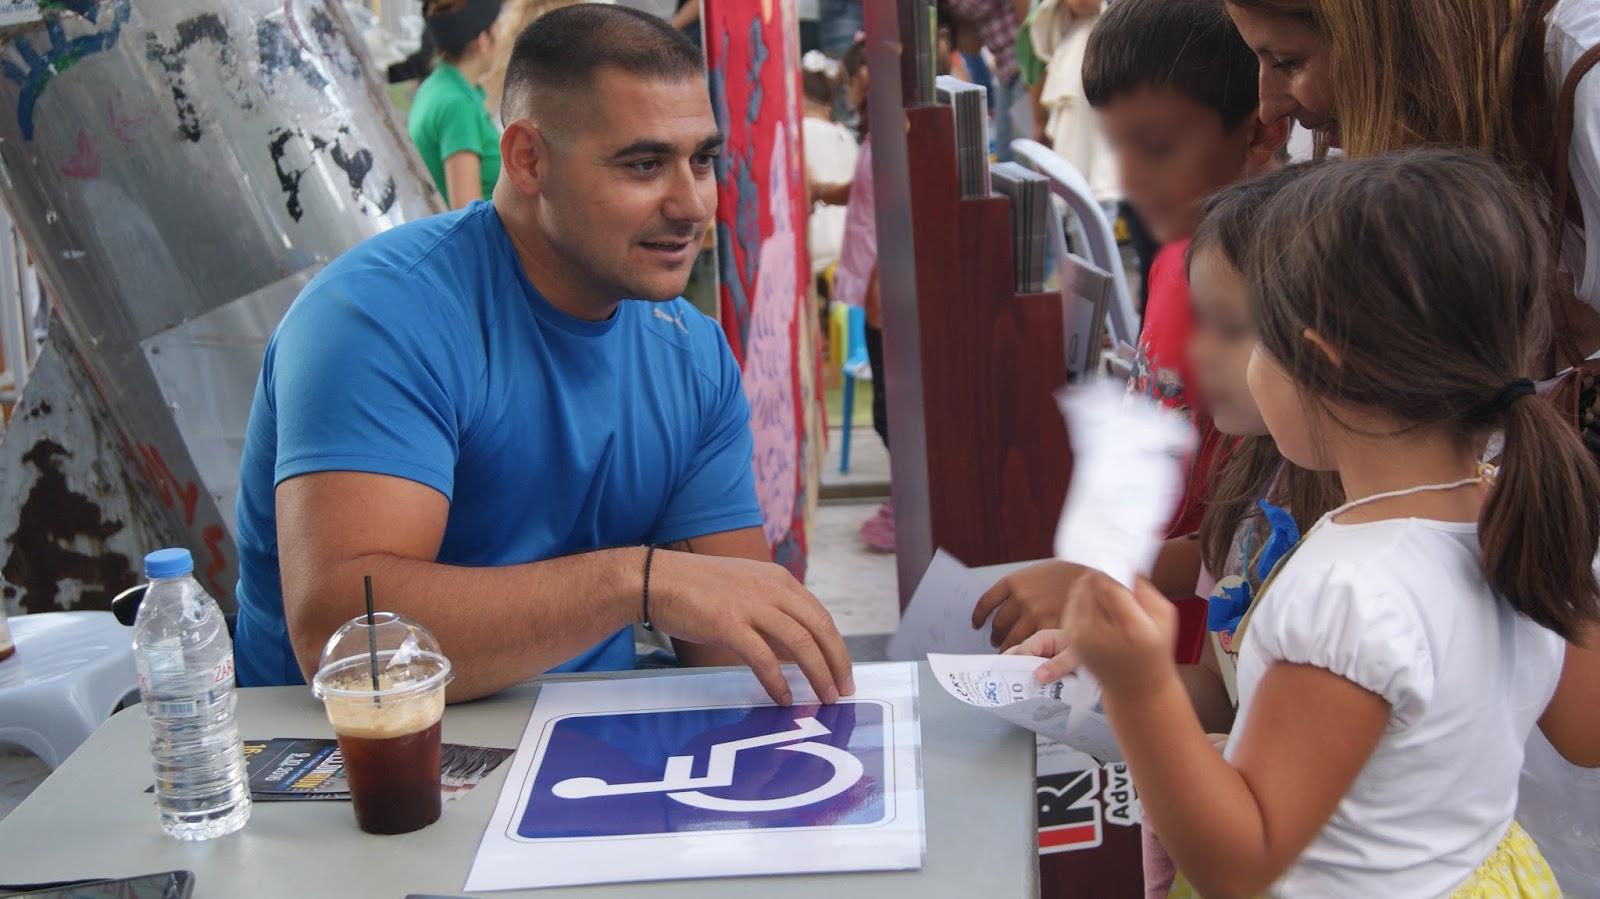 Ο Μανώλης Στεφανουδάκης ενημερώνει τα παιδιά για τις θέσεις στάθμευσης των αναπήρων